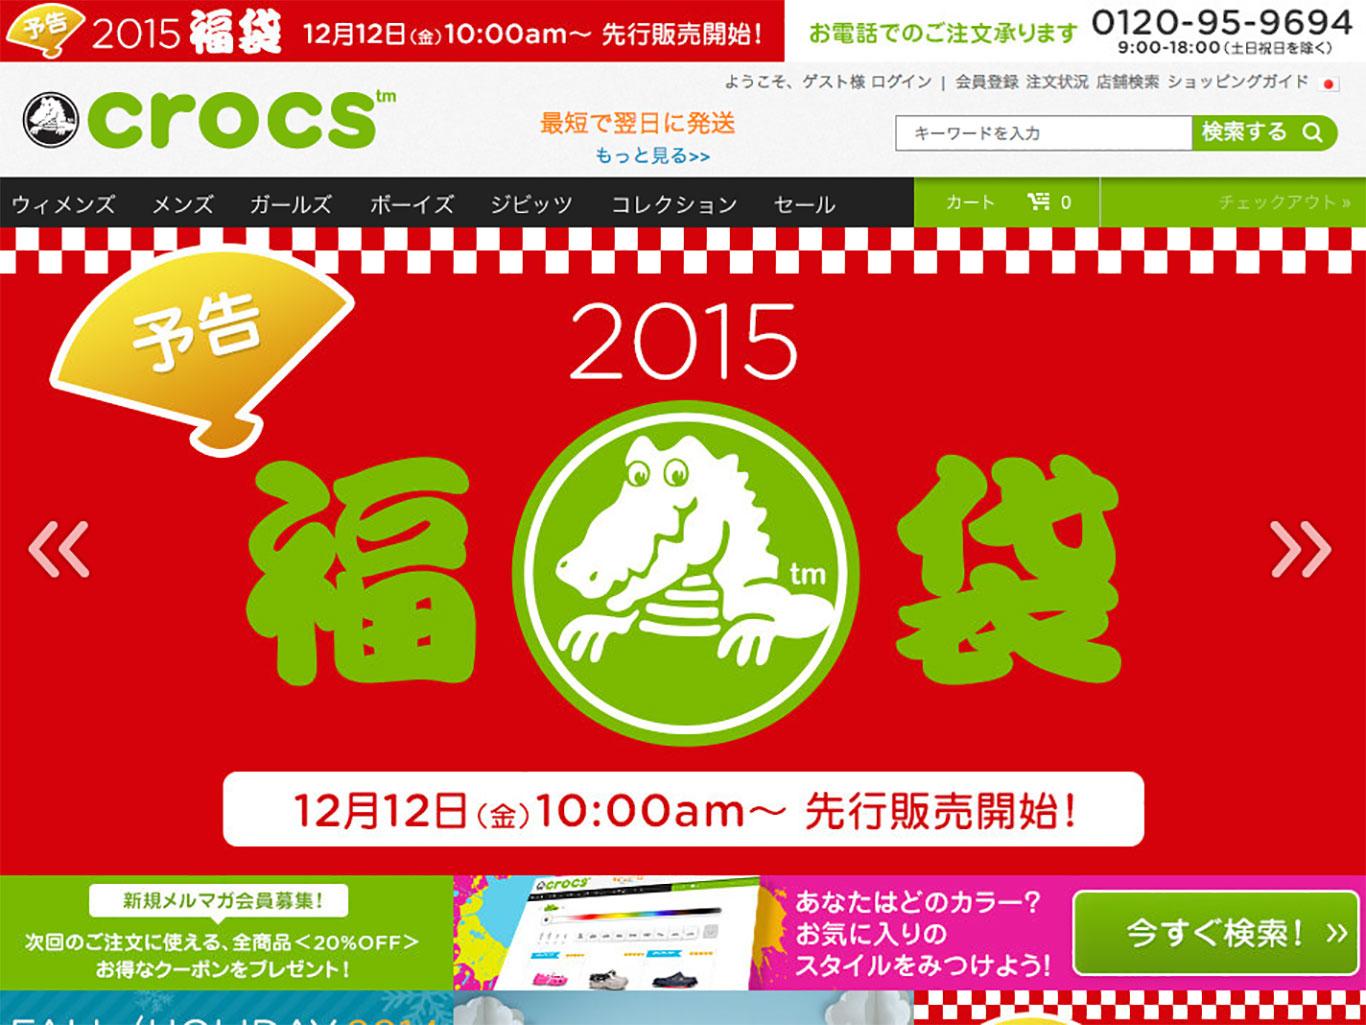 クロックスの『福袋2015』2014年12月12日(金)10:00から販売です♪